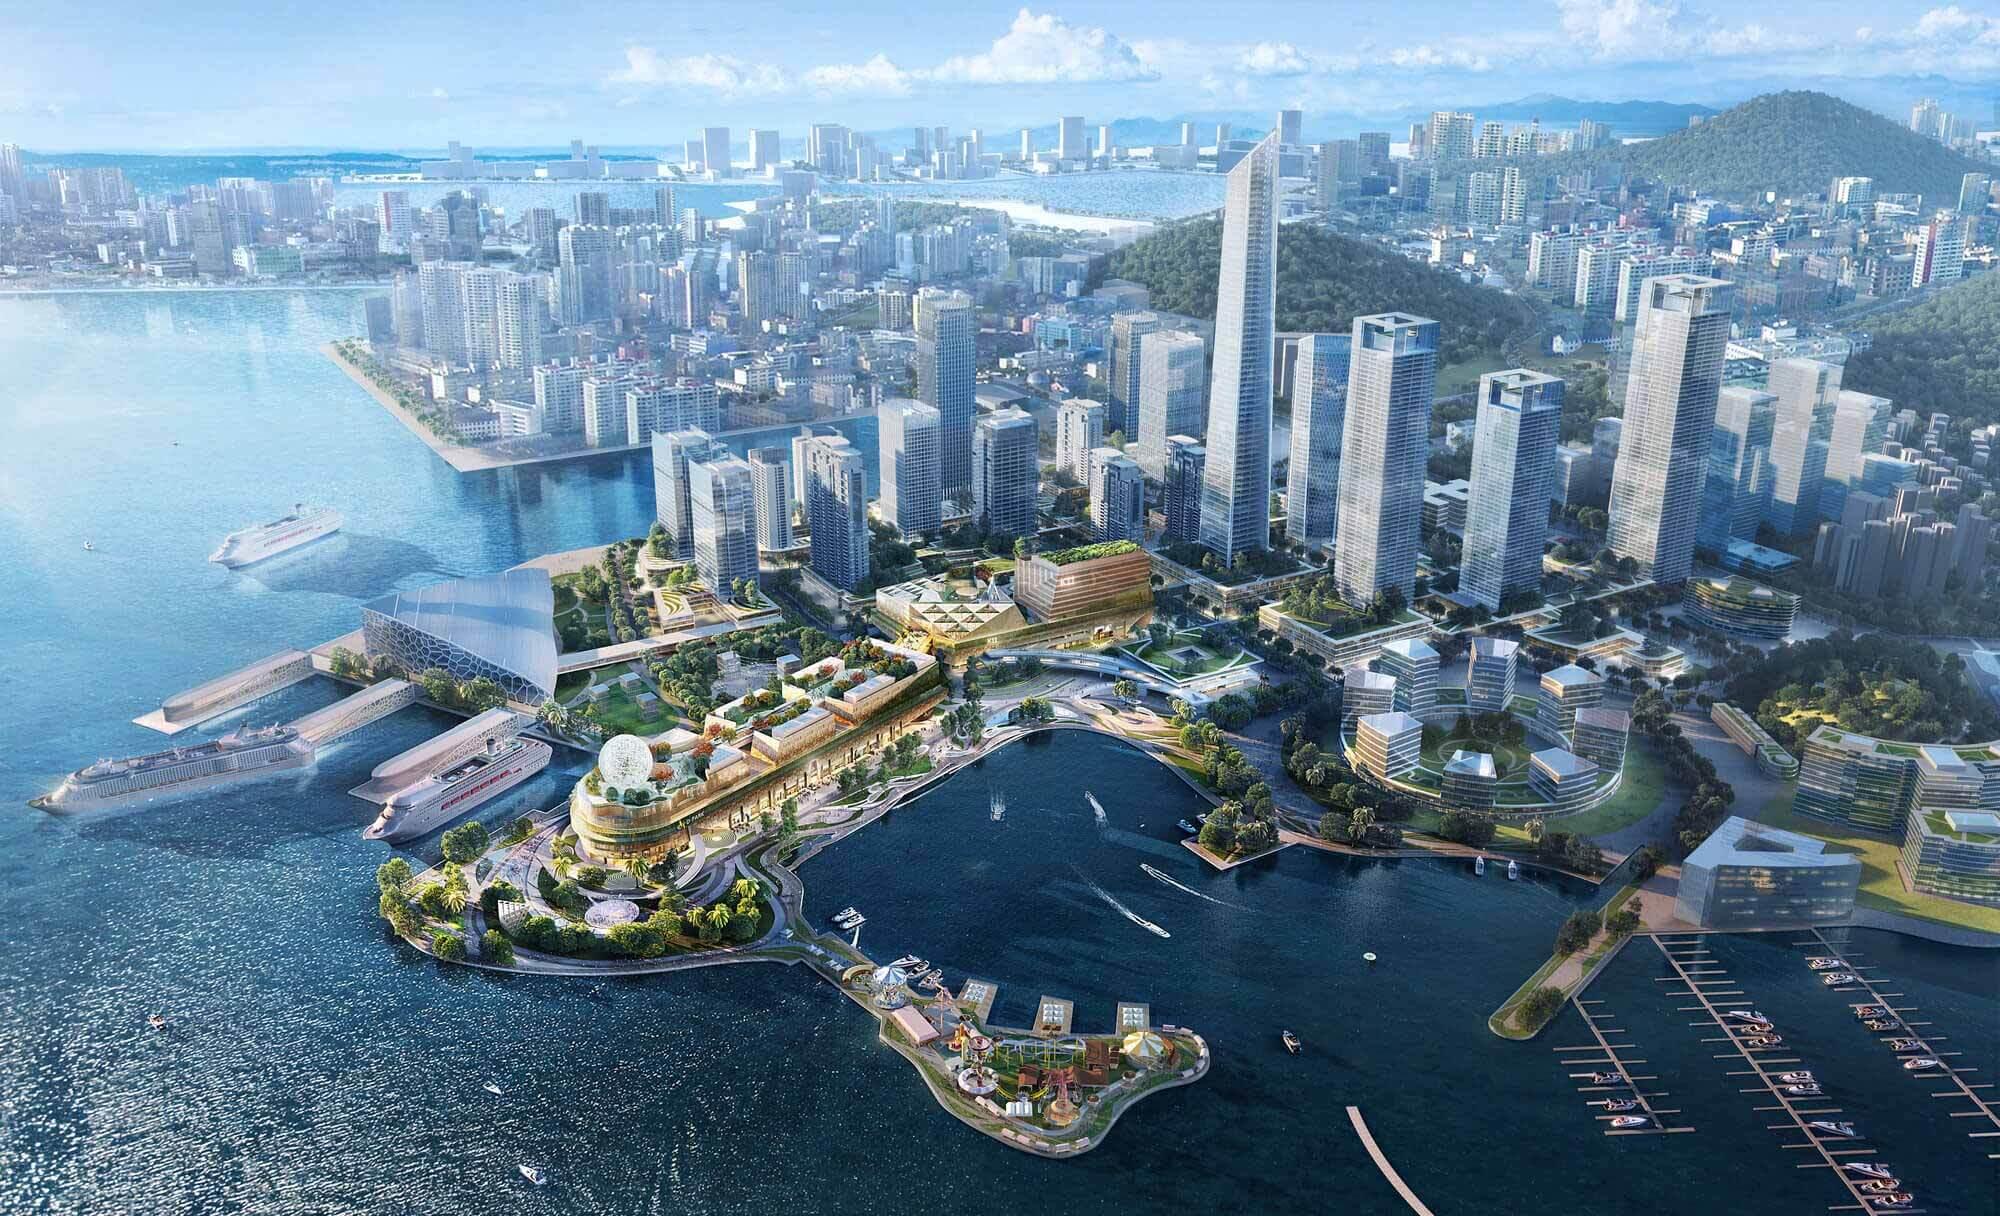 Ronald Lu & Partners проектирует среду с высокой плотностью населения в быстро урбанизируемой зоне Большого залива в Южном Китае